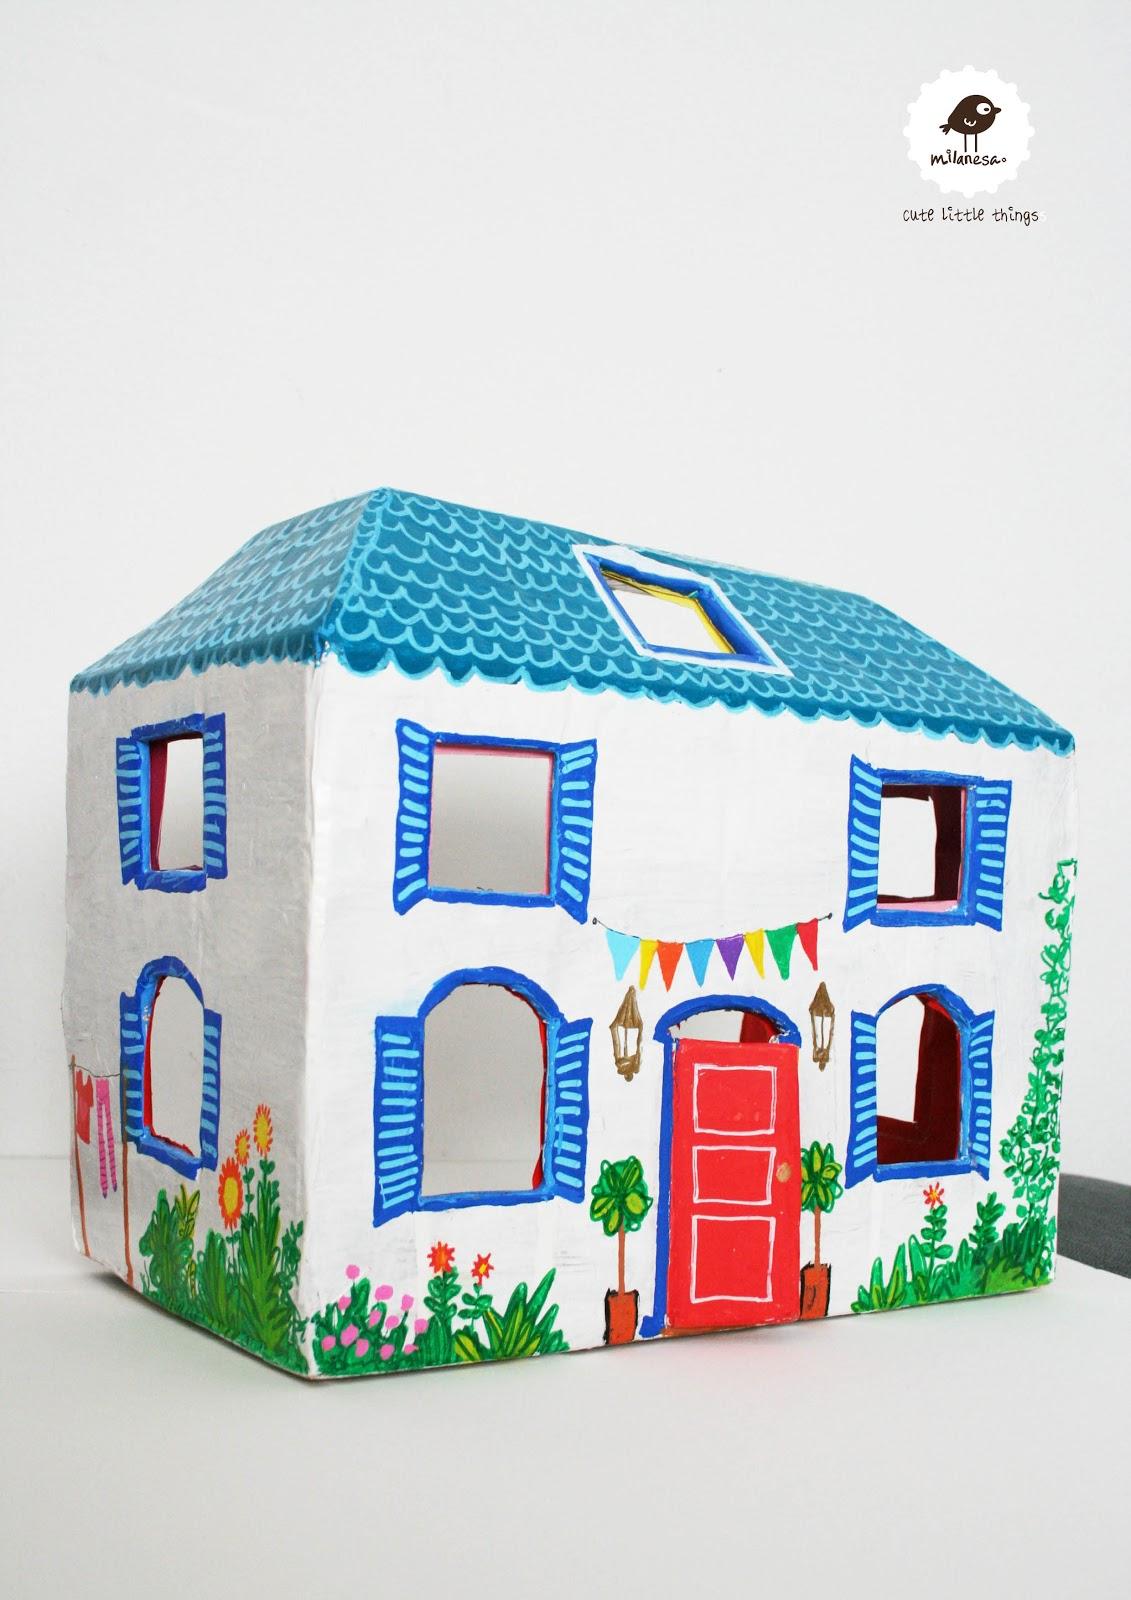 Milanesa una casita de cart n tutorial - Como hacer una casa de carton pequena ...